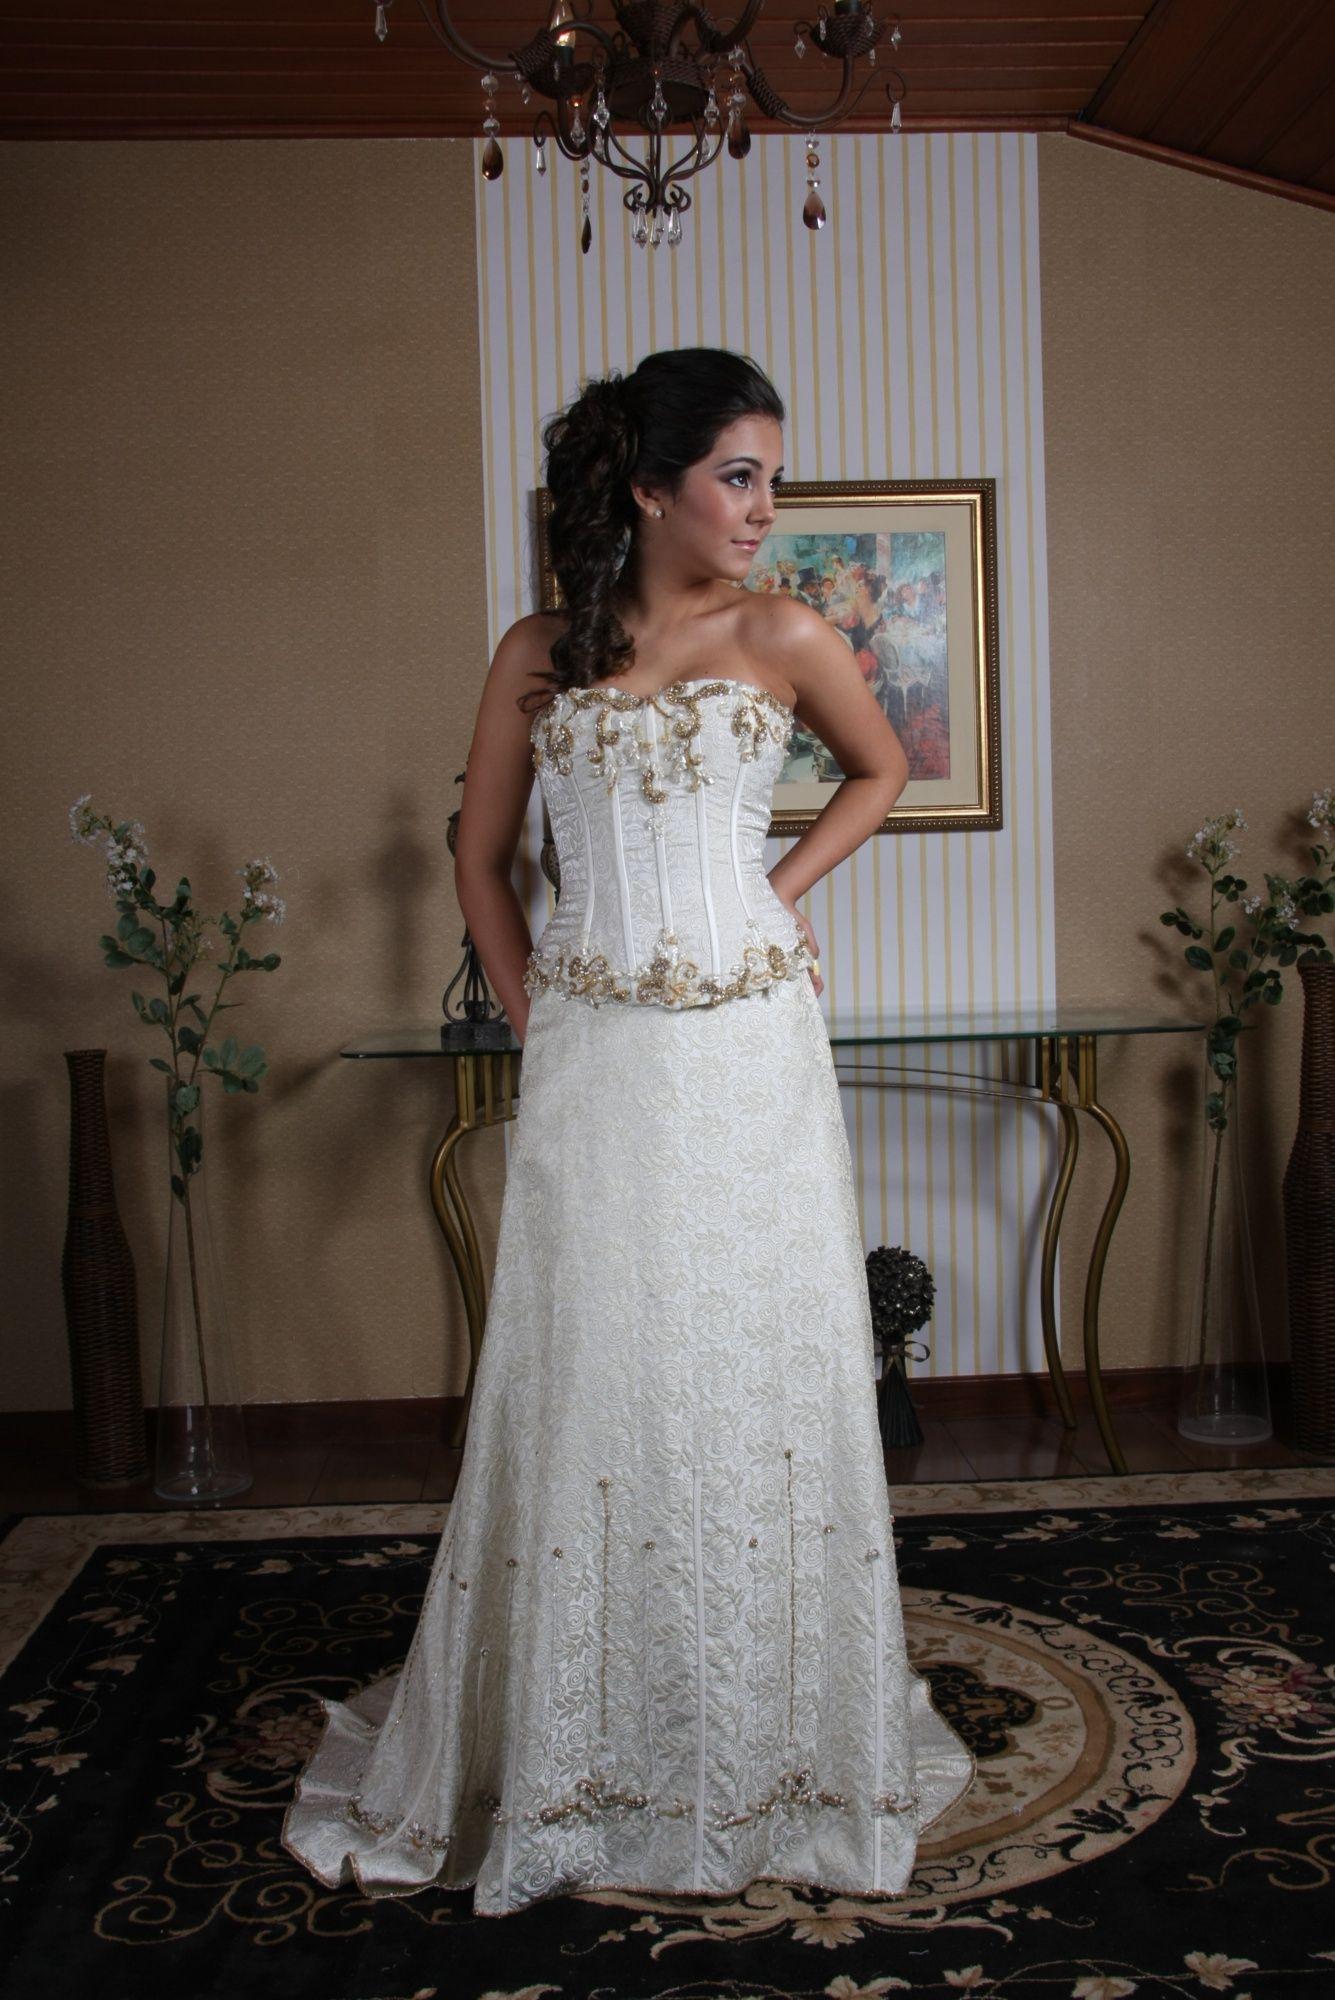 Vestido de Noiva Princesa - 9 - Hipnose Alta Costura e Spa para Noivas e Noivos - Campinas - SP Vestido de Noiva, Vestido de Noiva Princesa, Hipnose Alta Costura